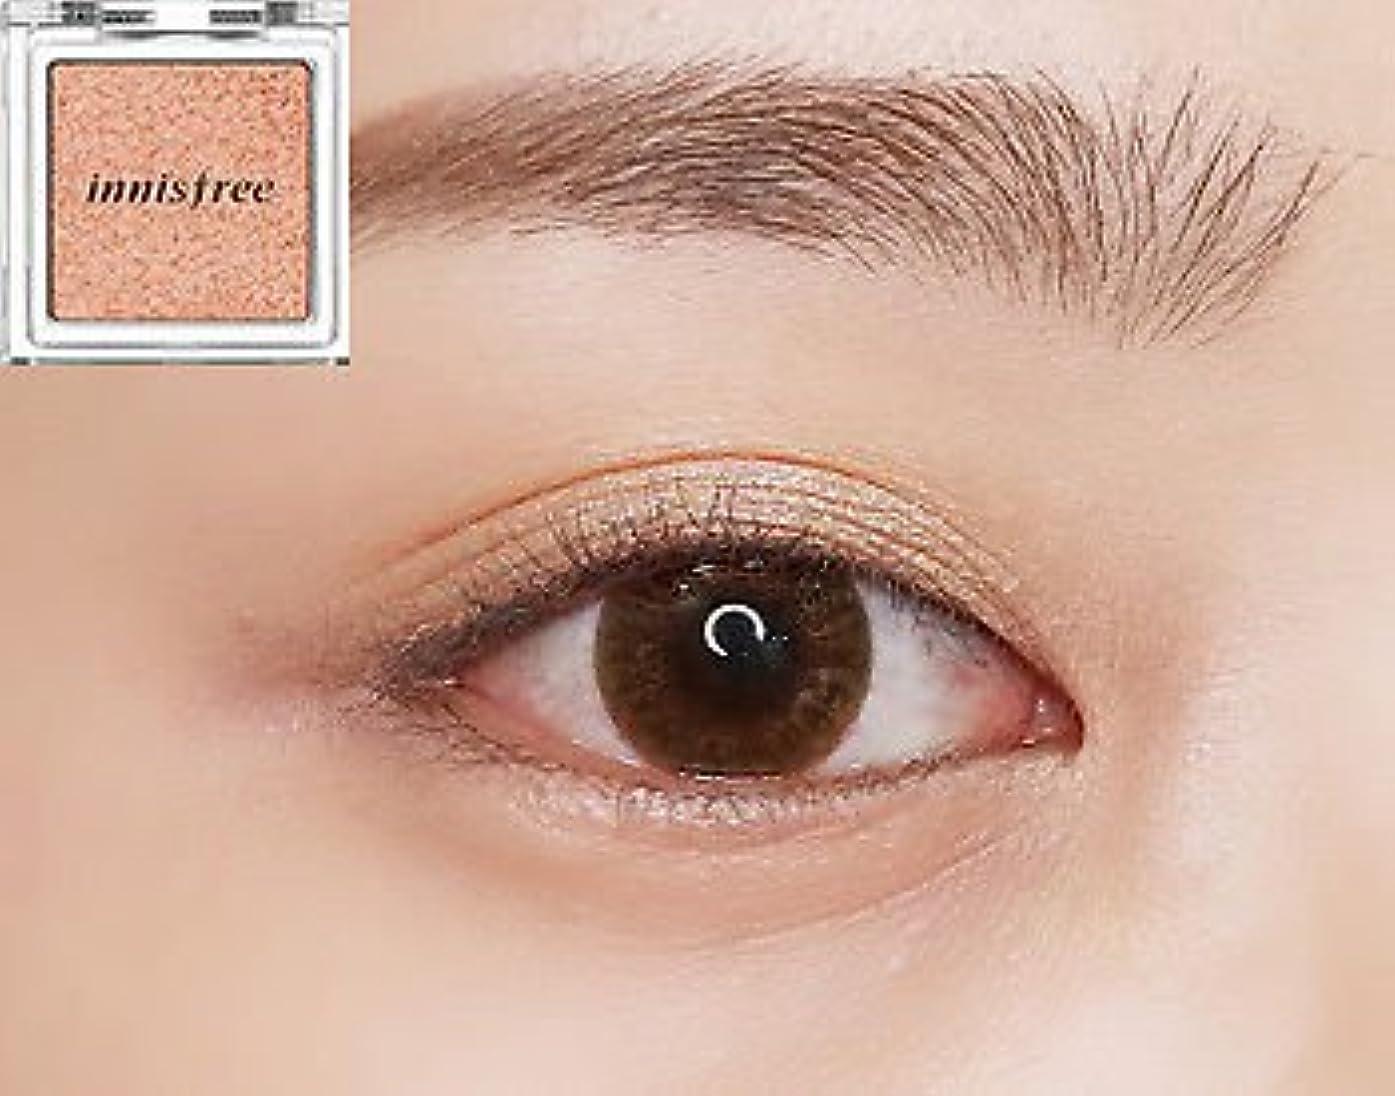 受粉する味方十分な[イニスフリー] innisfree [マイ パレット マイ アイシャドウ (グリッタ一) 20カラー] MY PALETTE My Eyeshadow (Glitter) 20 Shades [海外直送品] (グリッタ...